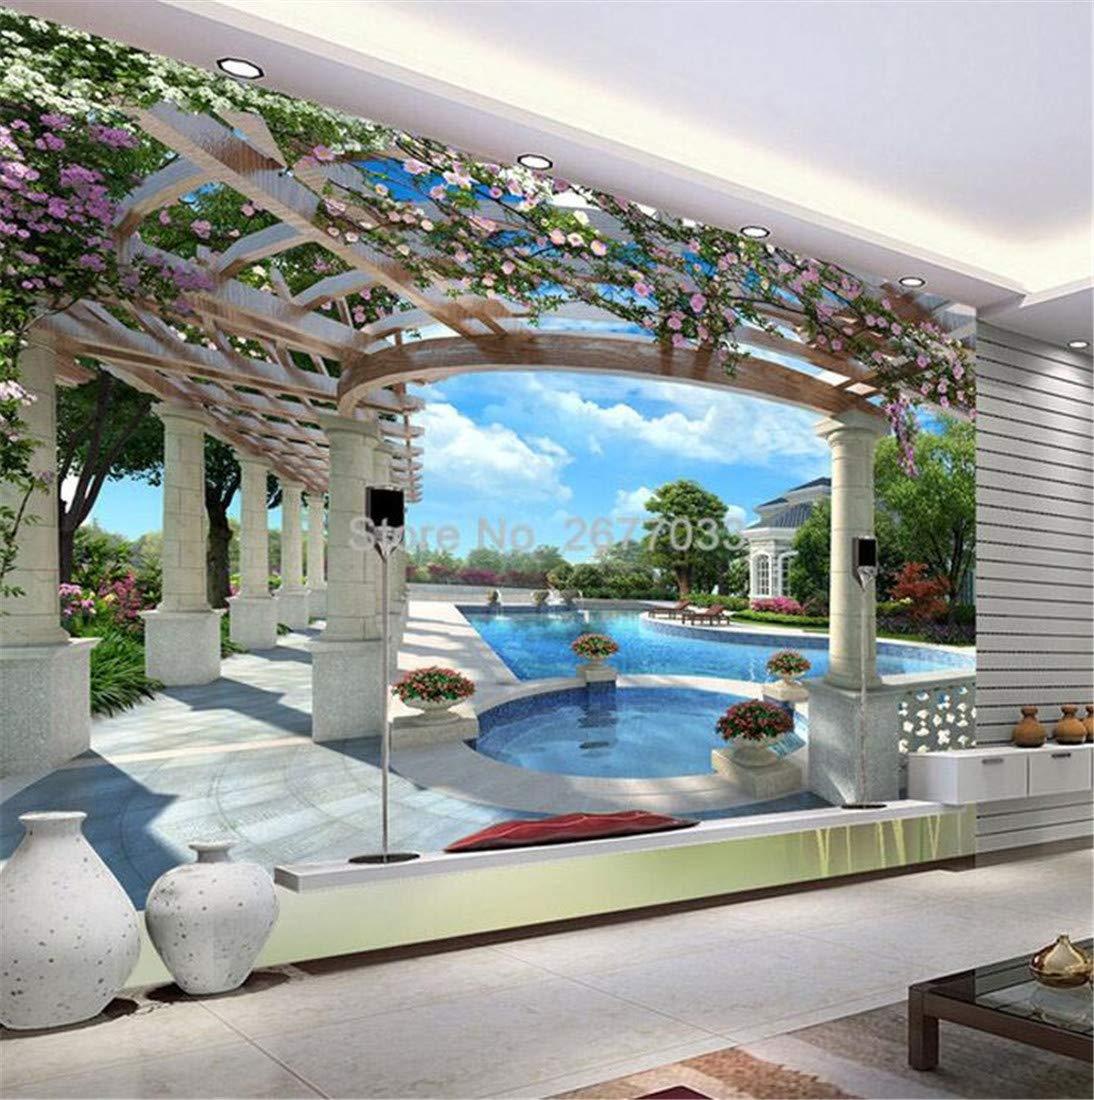 Fototapete Foto Europäischen Stil Garten Blauen Himmel Pool Wandbild Wandbild Wandbild Tapete Wohnzimmer Thema Hotel Hintergrund Wand Tuch Wasserdichte Wandtuch, 430 Cm X 300 Cm 40f409